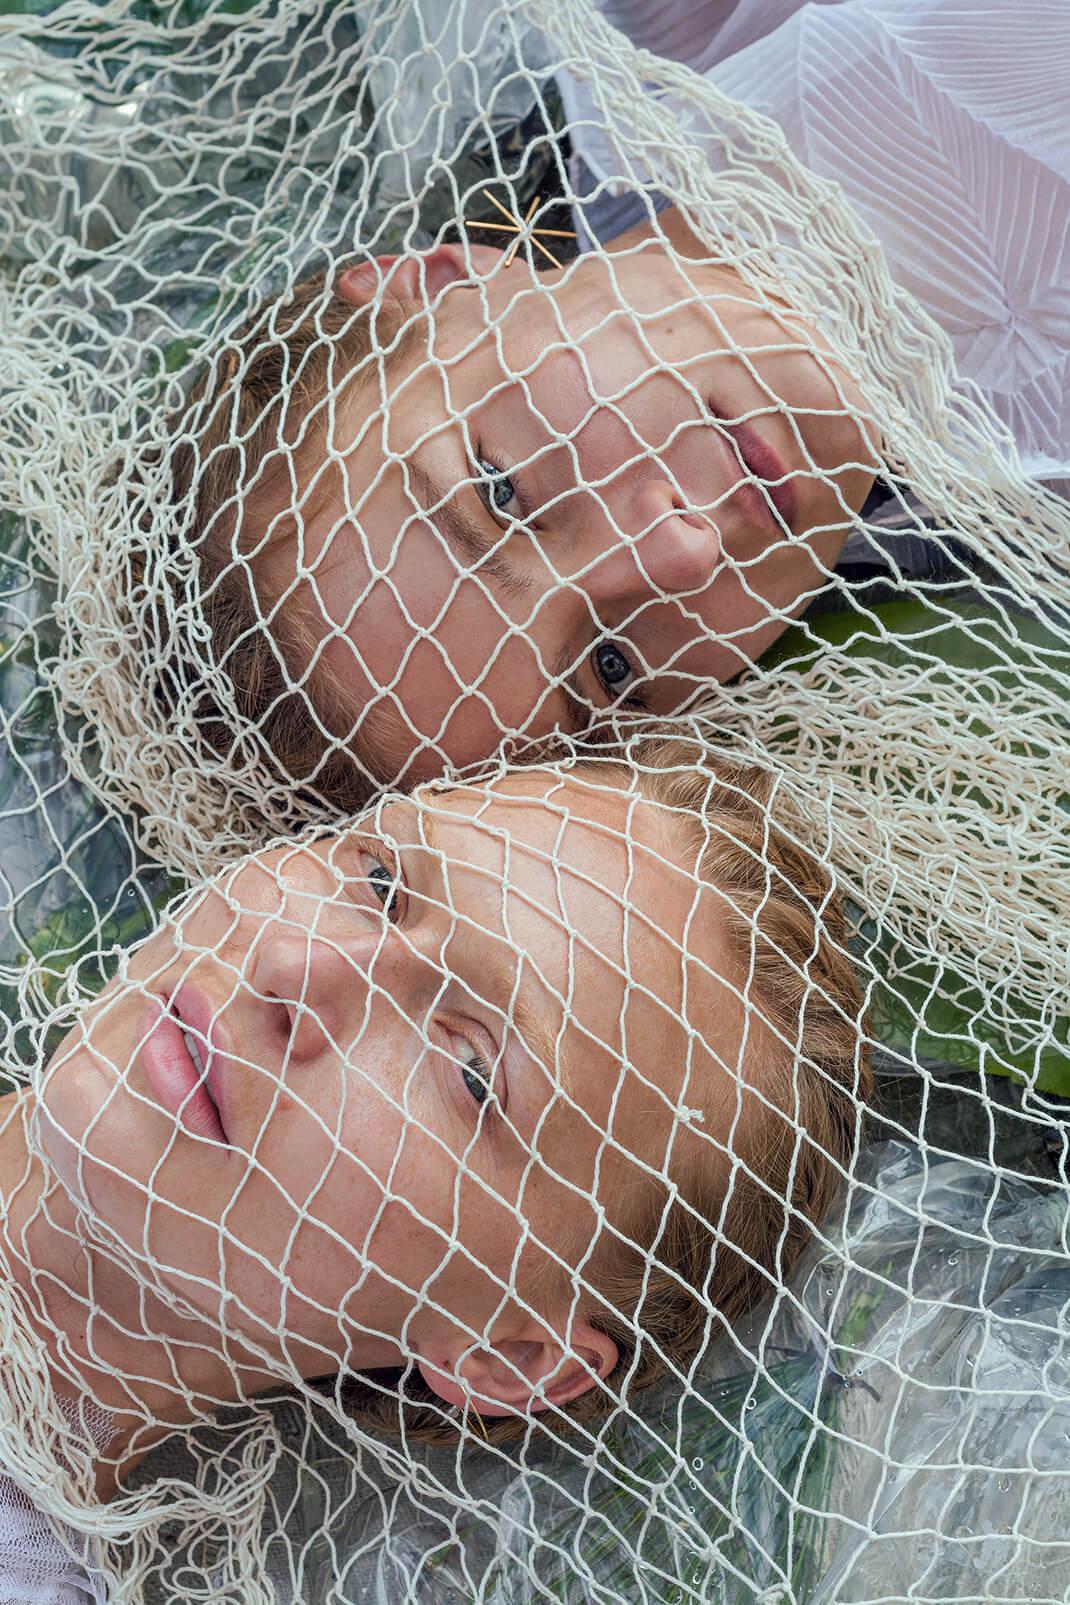 modelki w sieci rybackiej